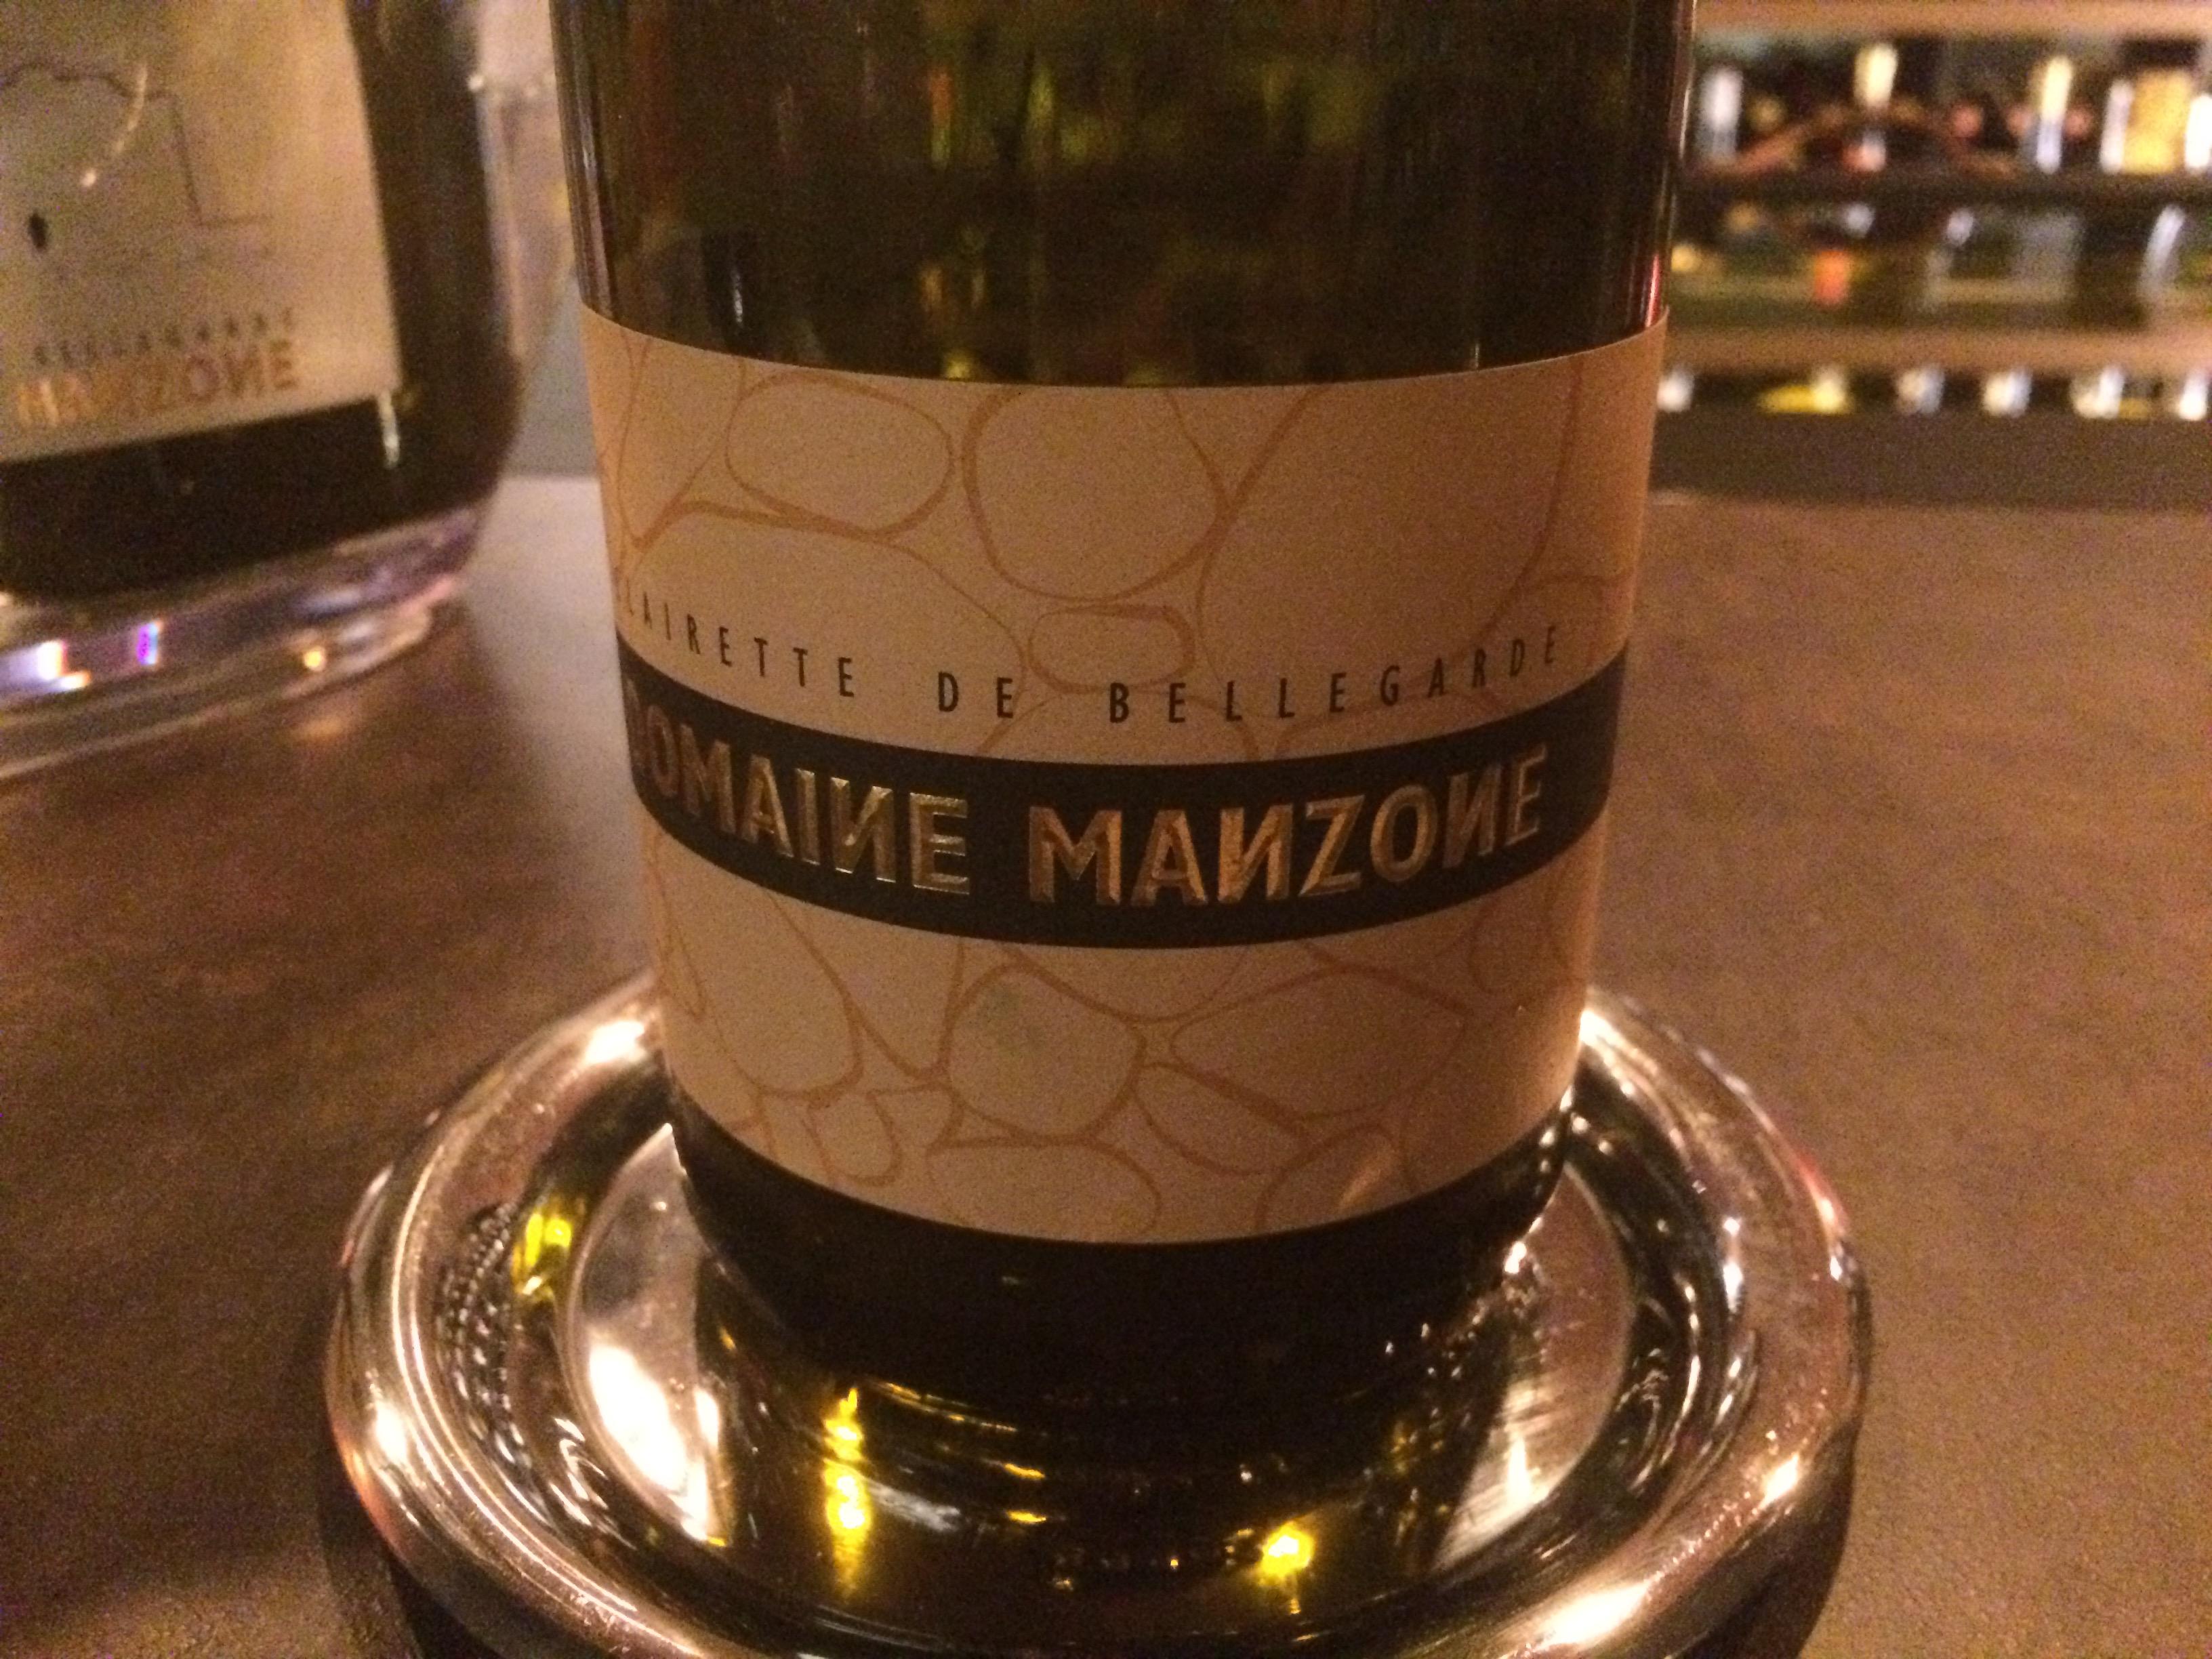 Cuvée tradition du Domaine Manzone, AOC Clairette de Bellegarde